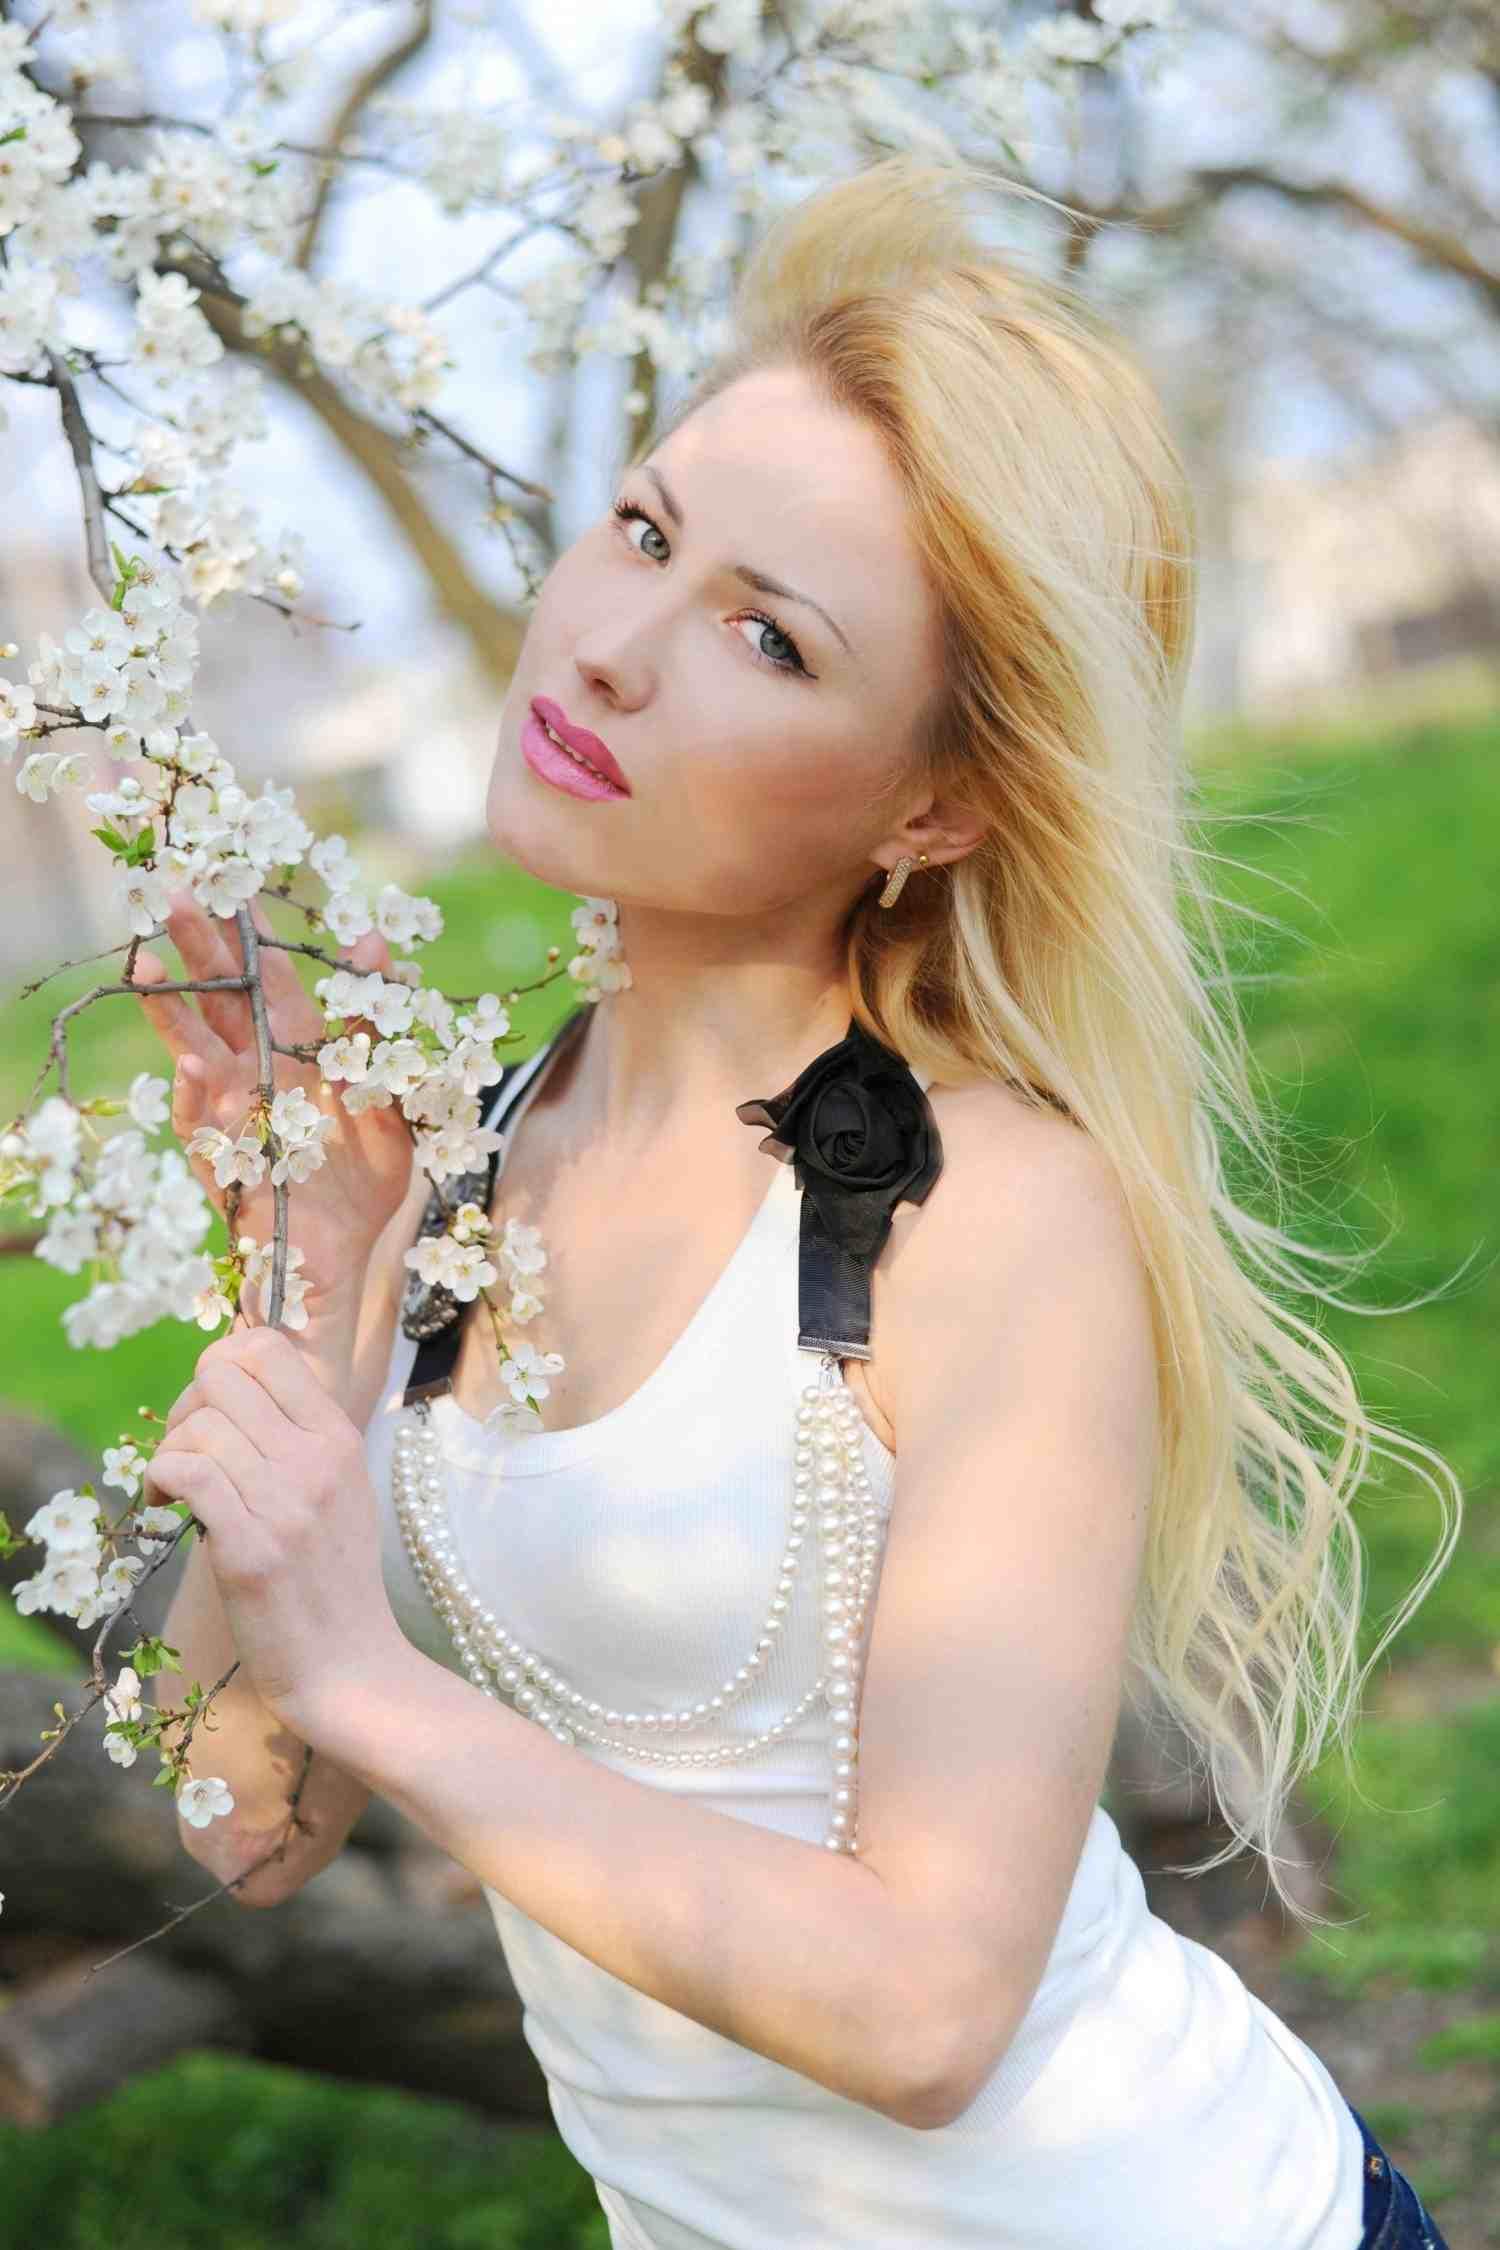 YasmeenLove